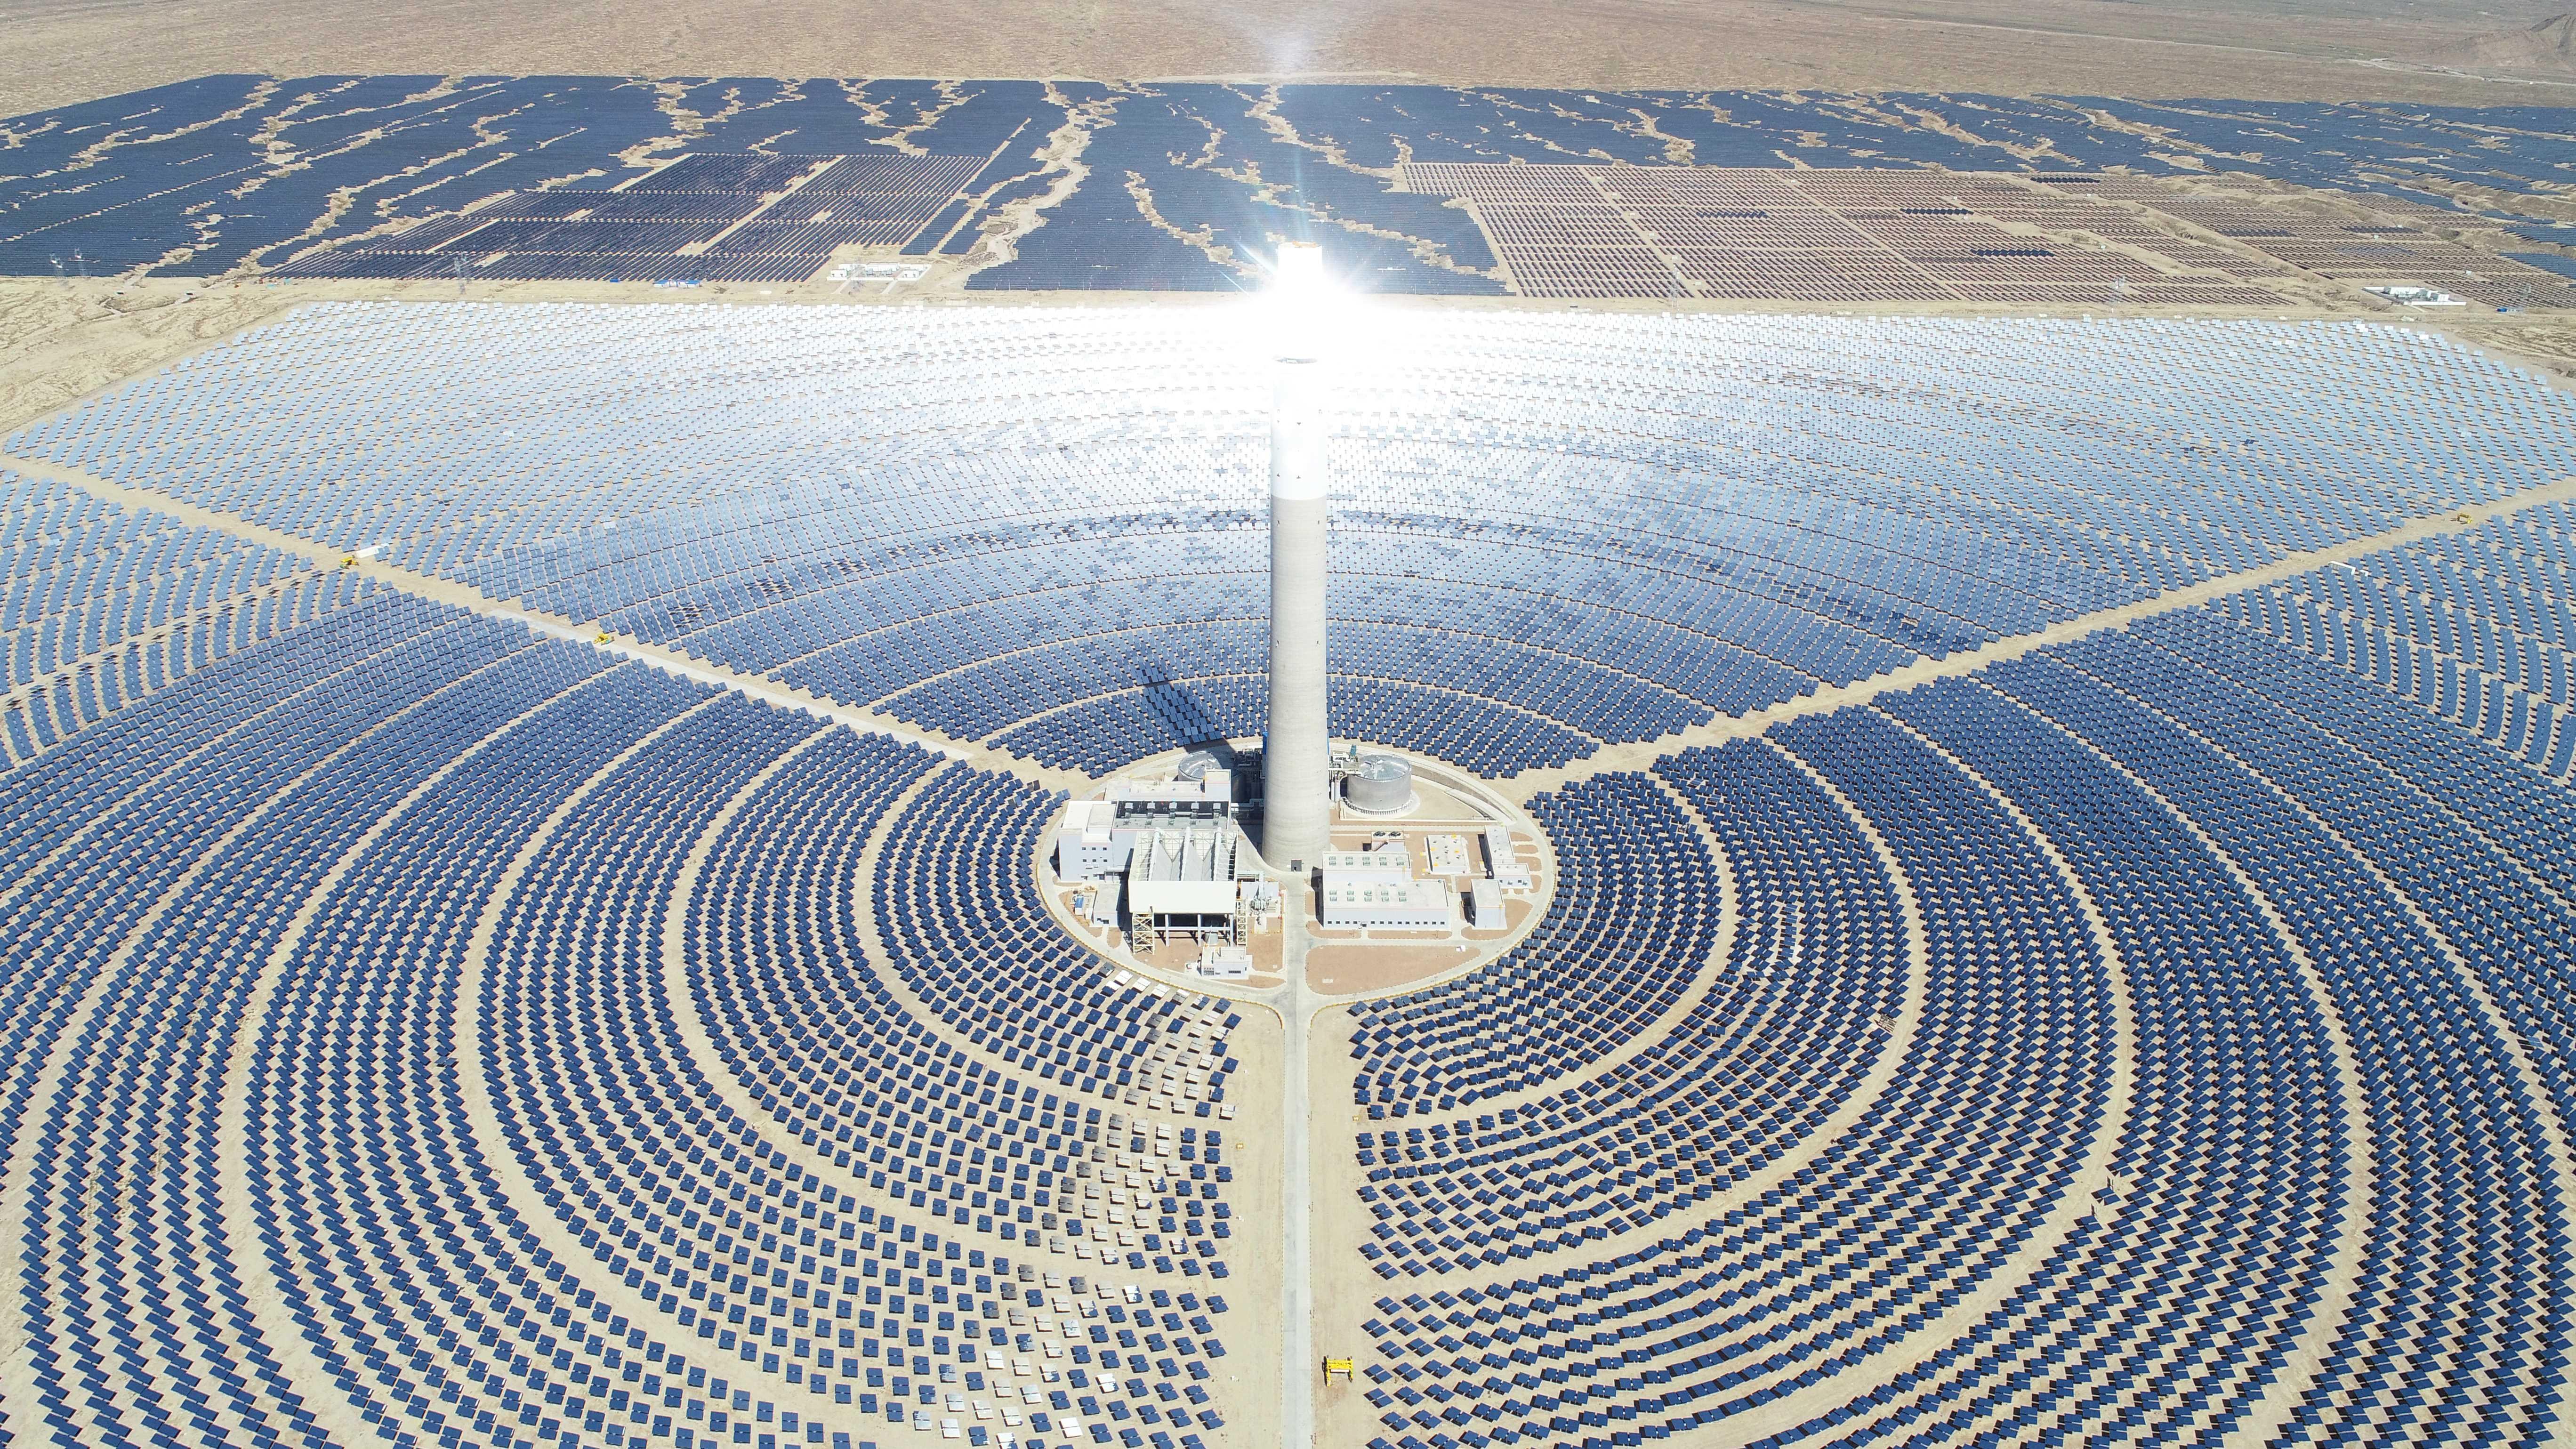 光热是未来能源体系中的重要一环